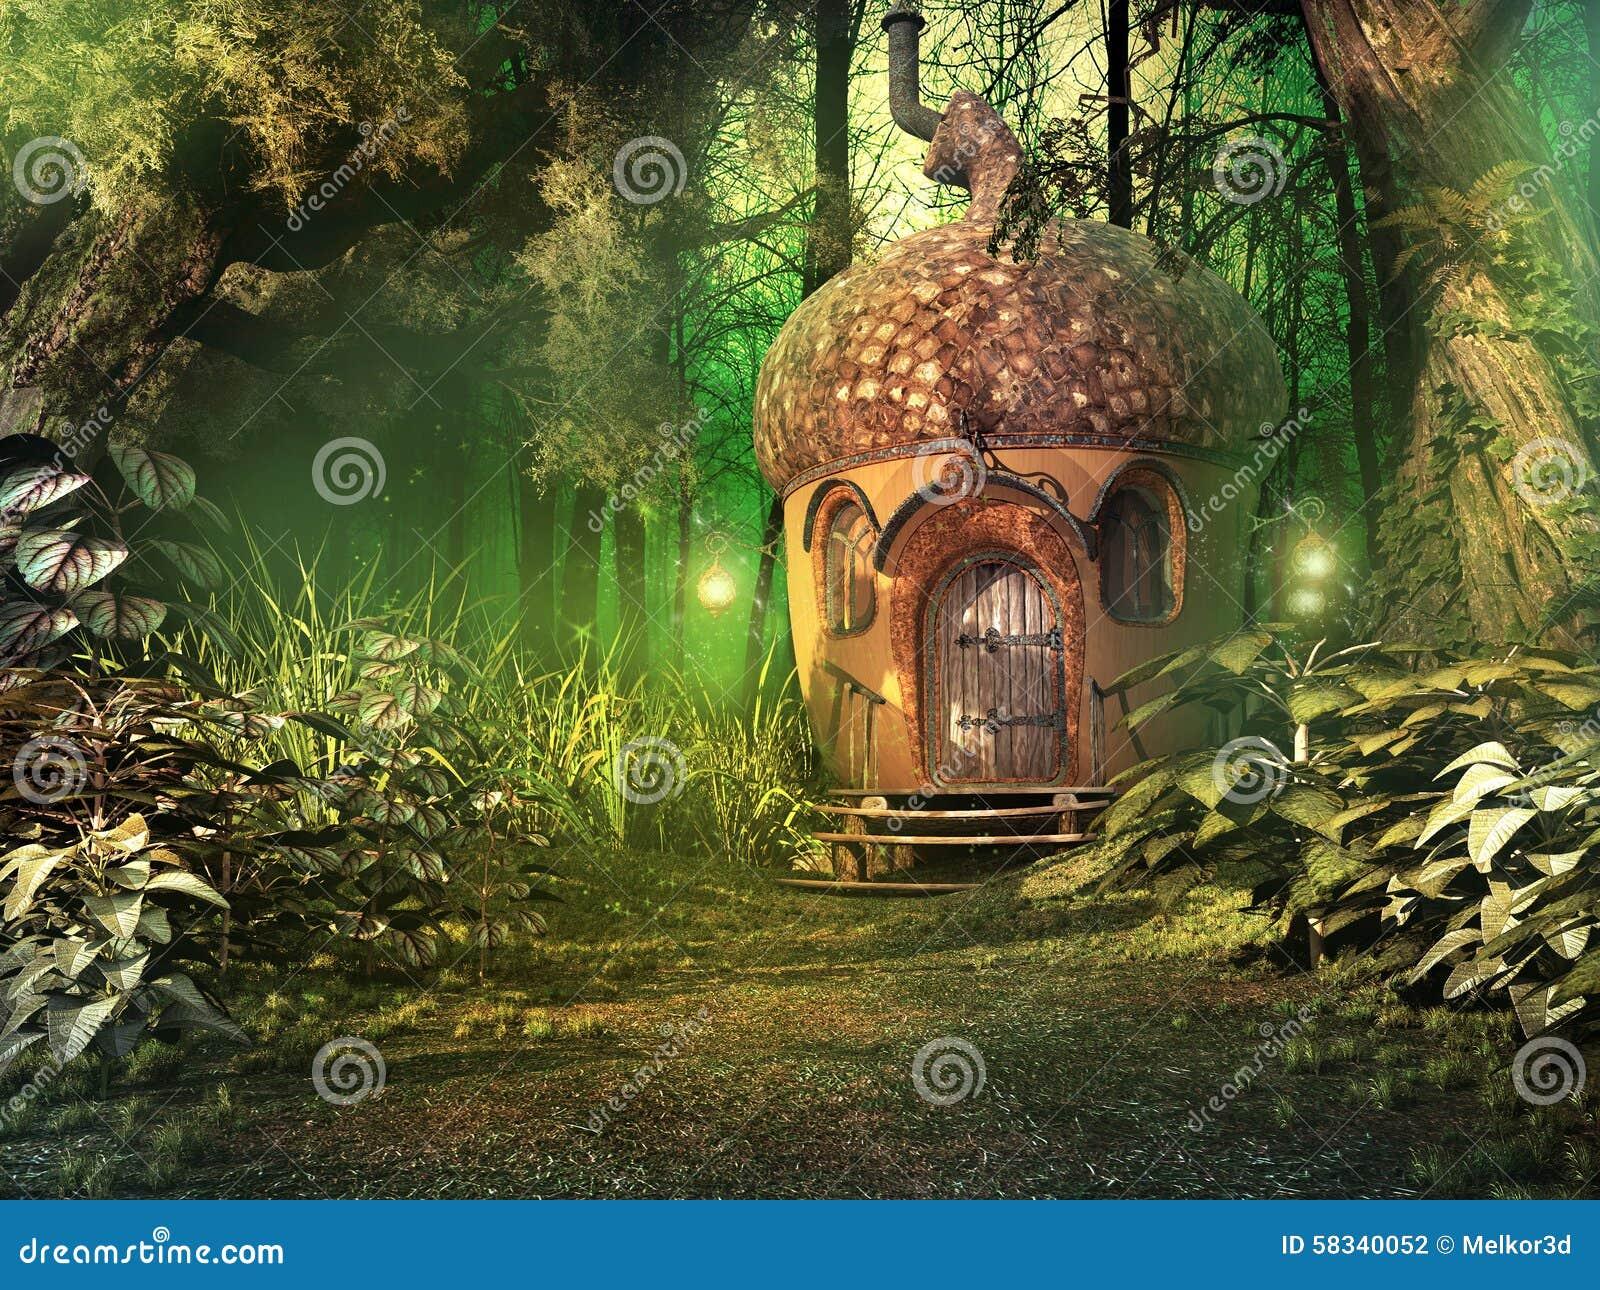 Rustic Log House Plans Maison F 233 Erique Dans La For 234 T Profonde Illustration Stock